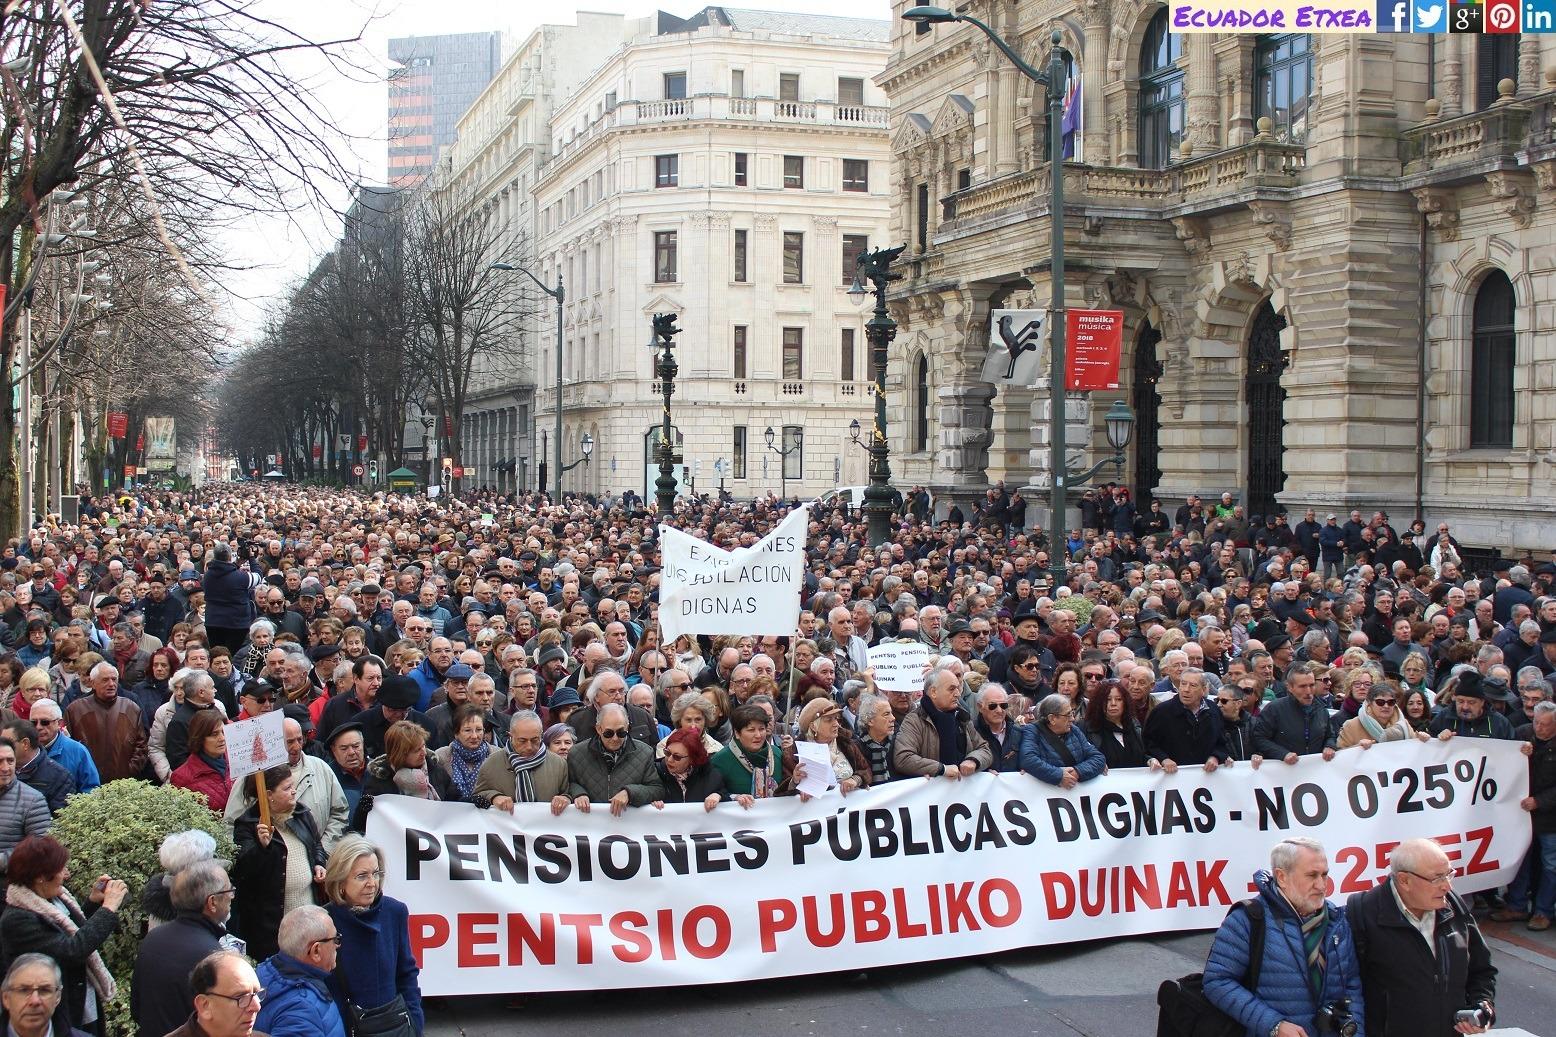 pensiones mani Foto Ecuador Etxea